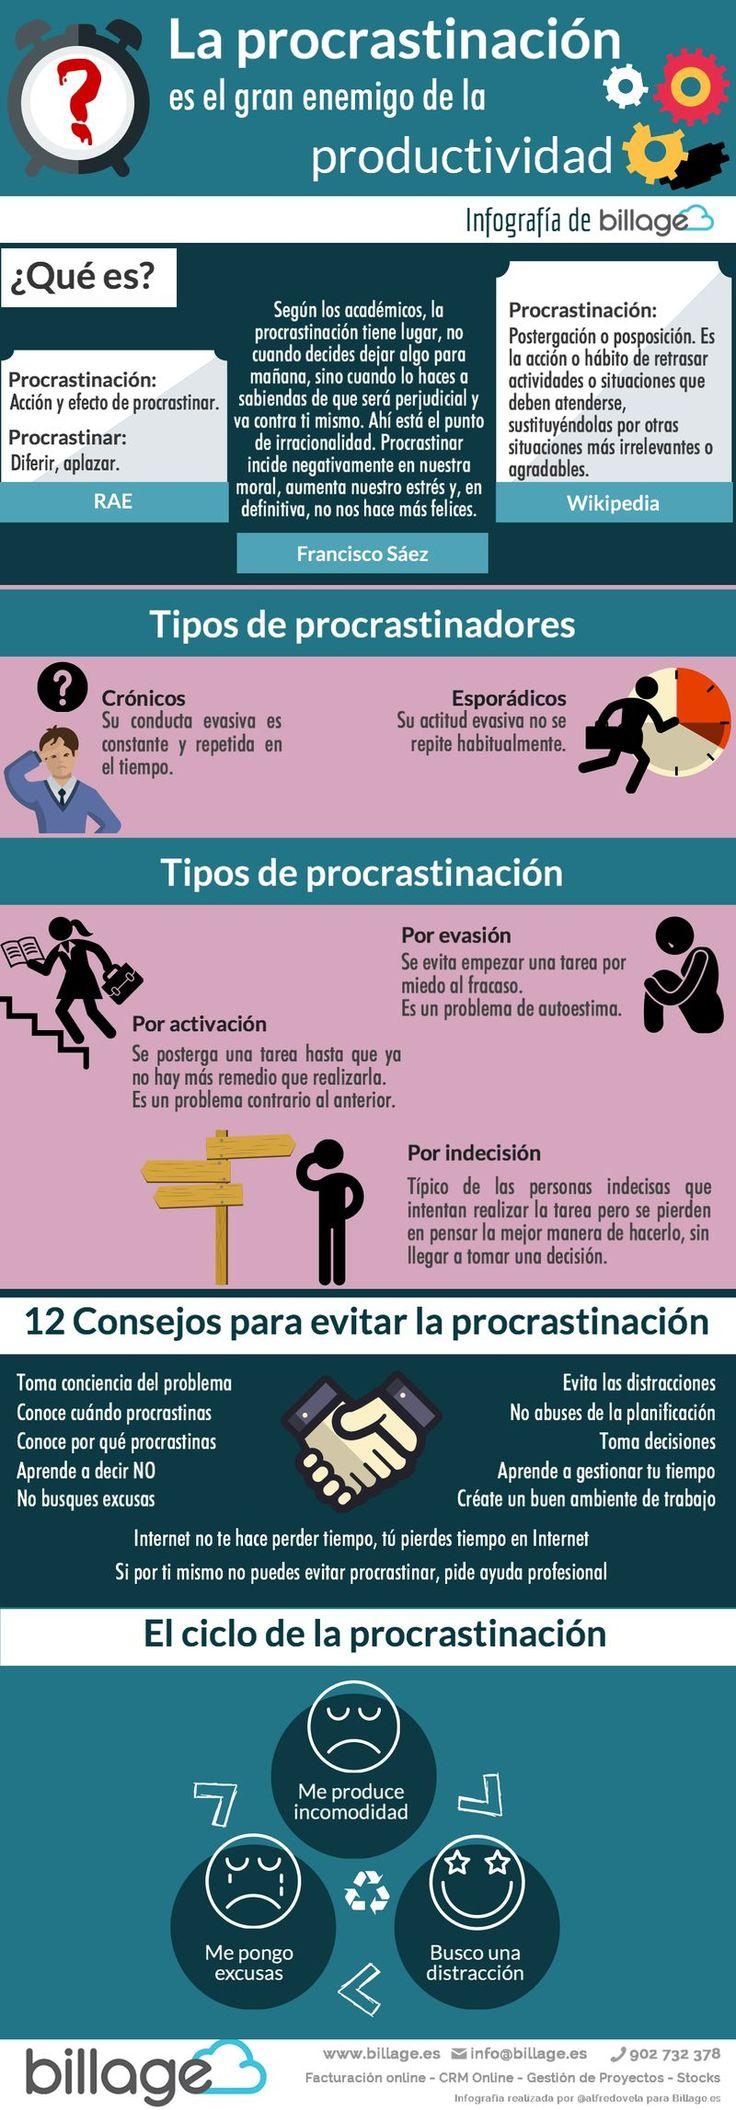 Aumenta tu Productividad y consigue un excelente rendimiento en tu trabajo dejando a un lado la Procrastinación, el peor enemigo de tu productividad.